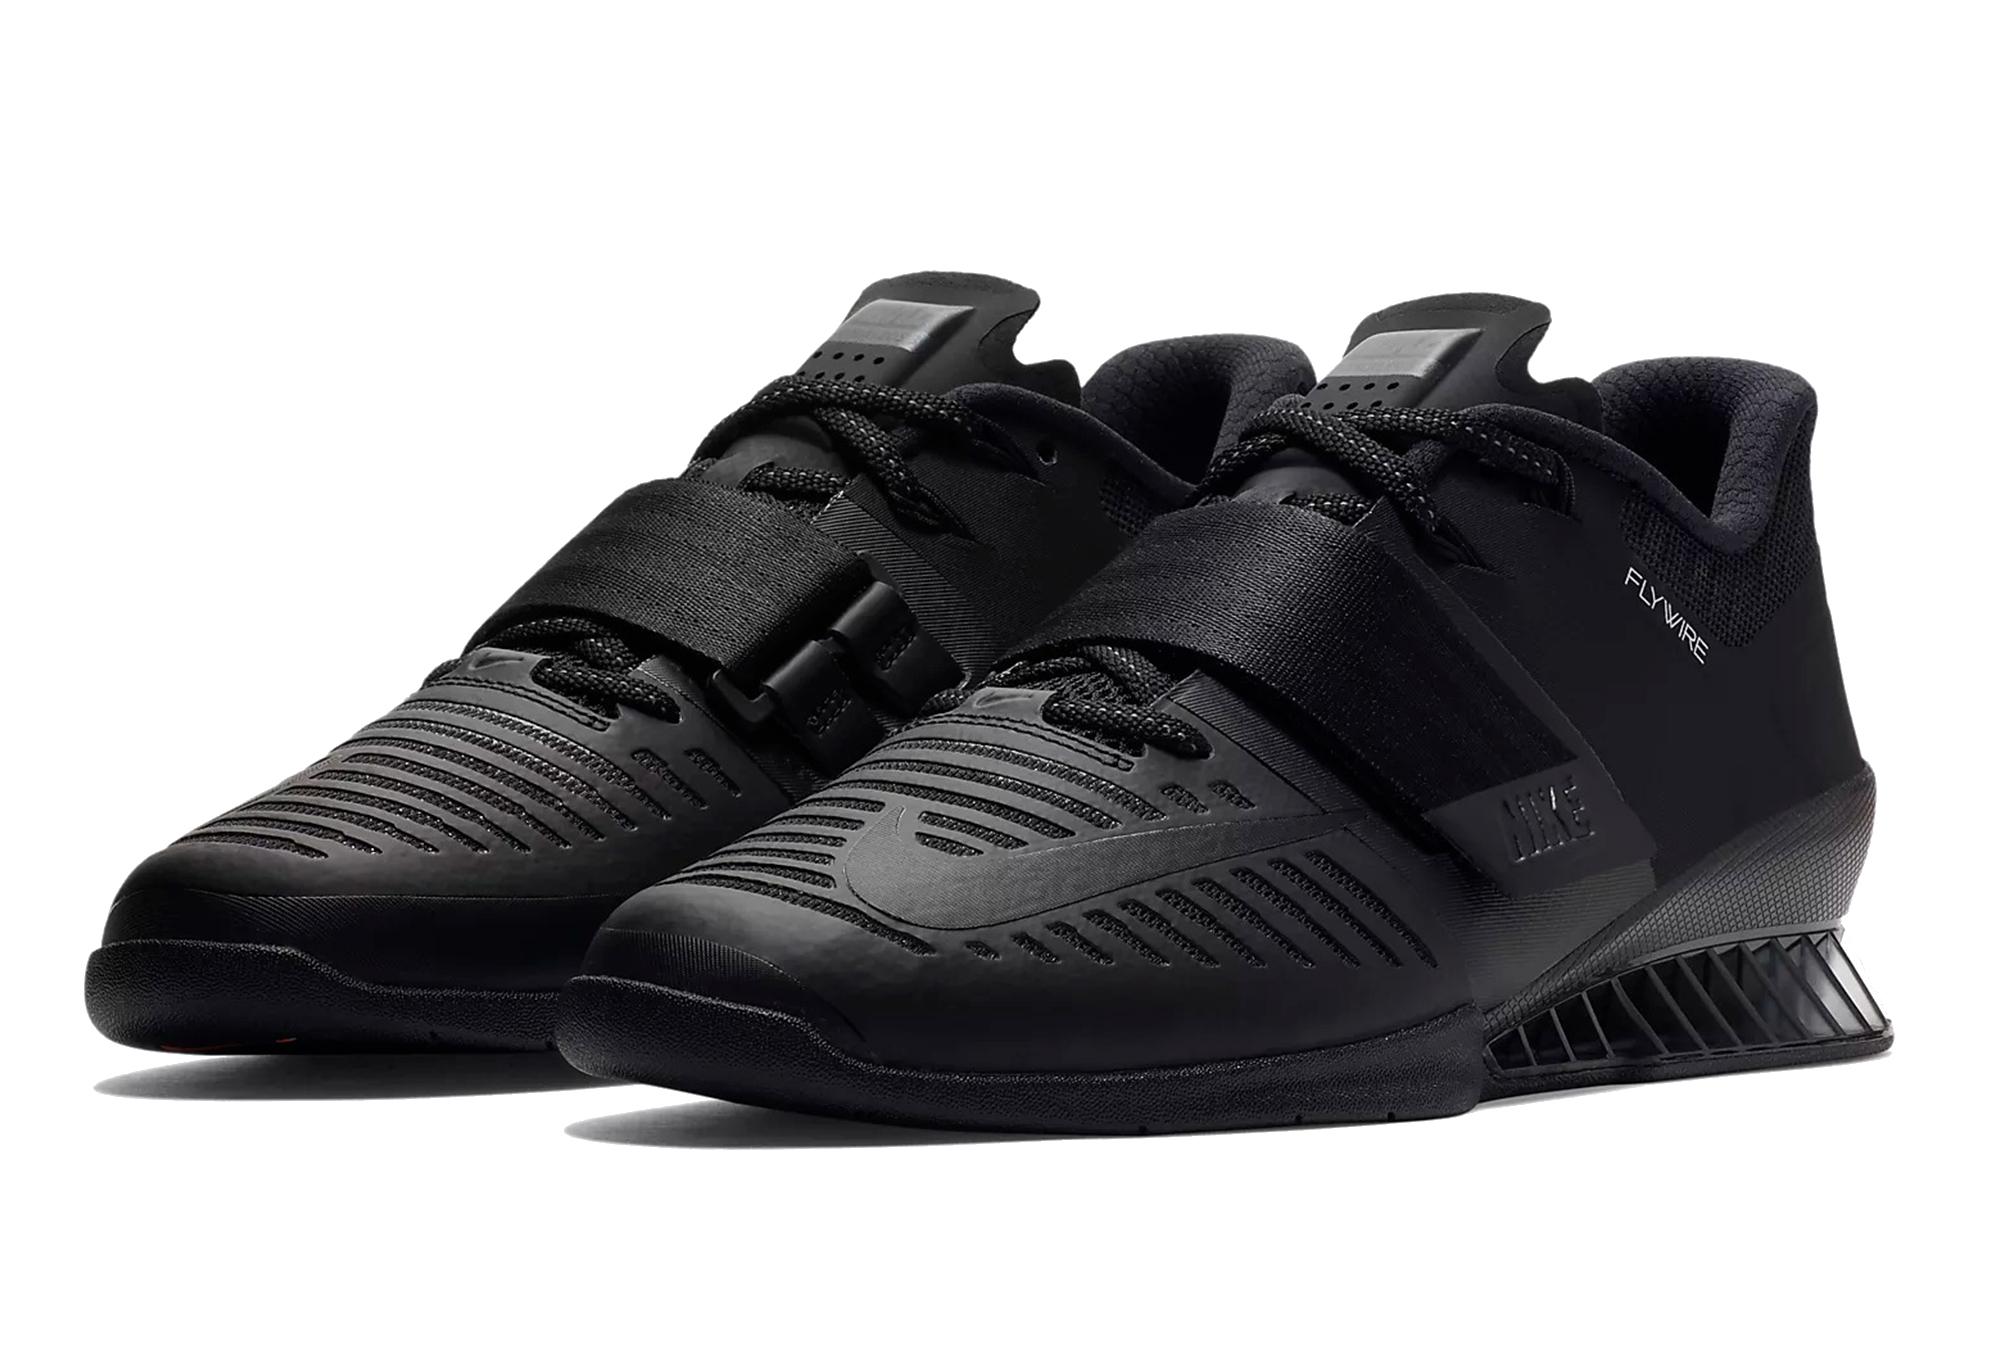 promo code d4b19 61c44 Nike Shoes Romaleos 3 Black Orange Men